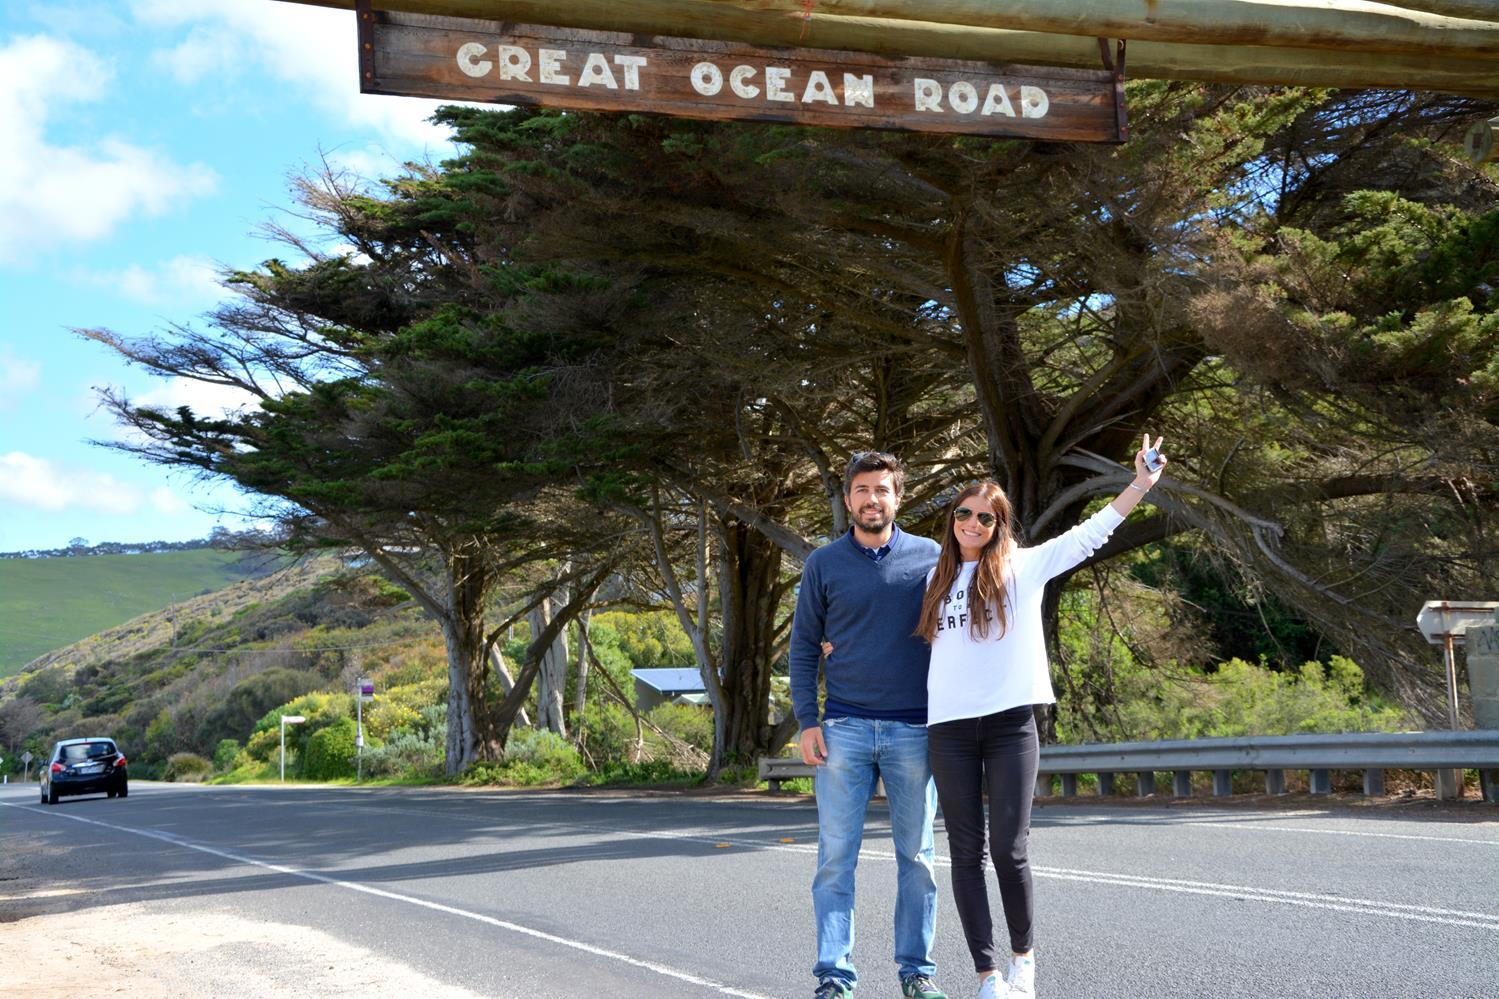 great_ocean_road_sign